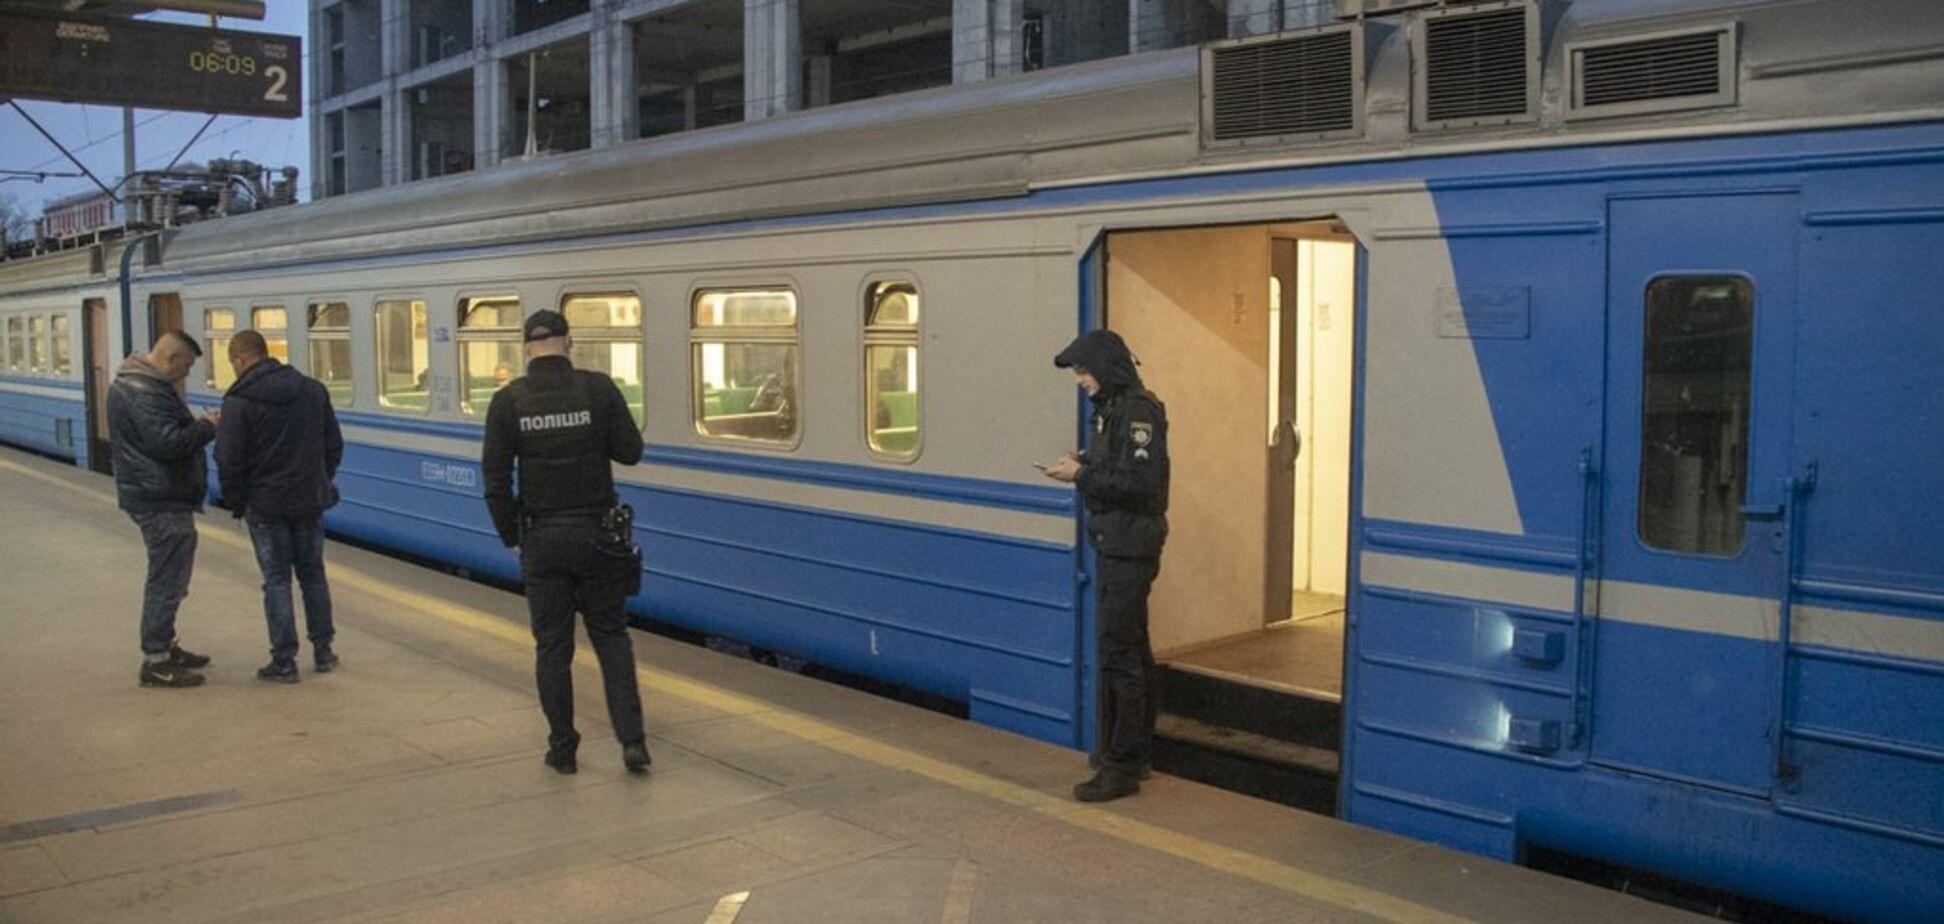 Сутки пролежал в вагоне: в Киеве в электричке нашли труп 36-летнего мужчины